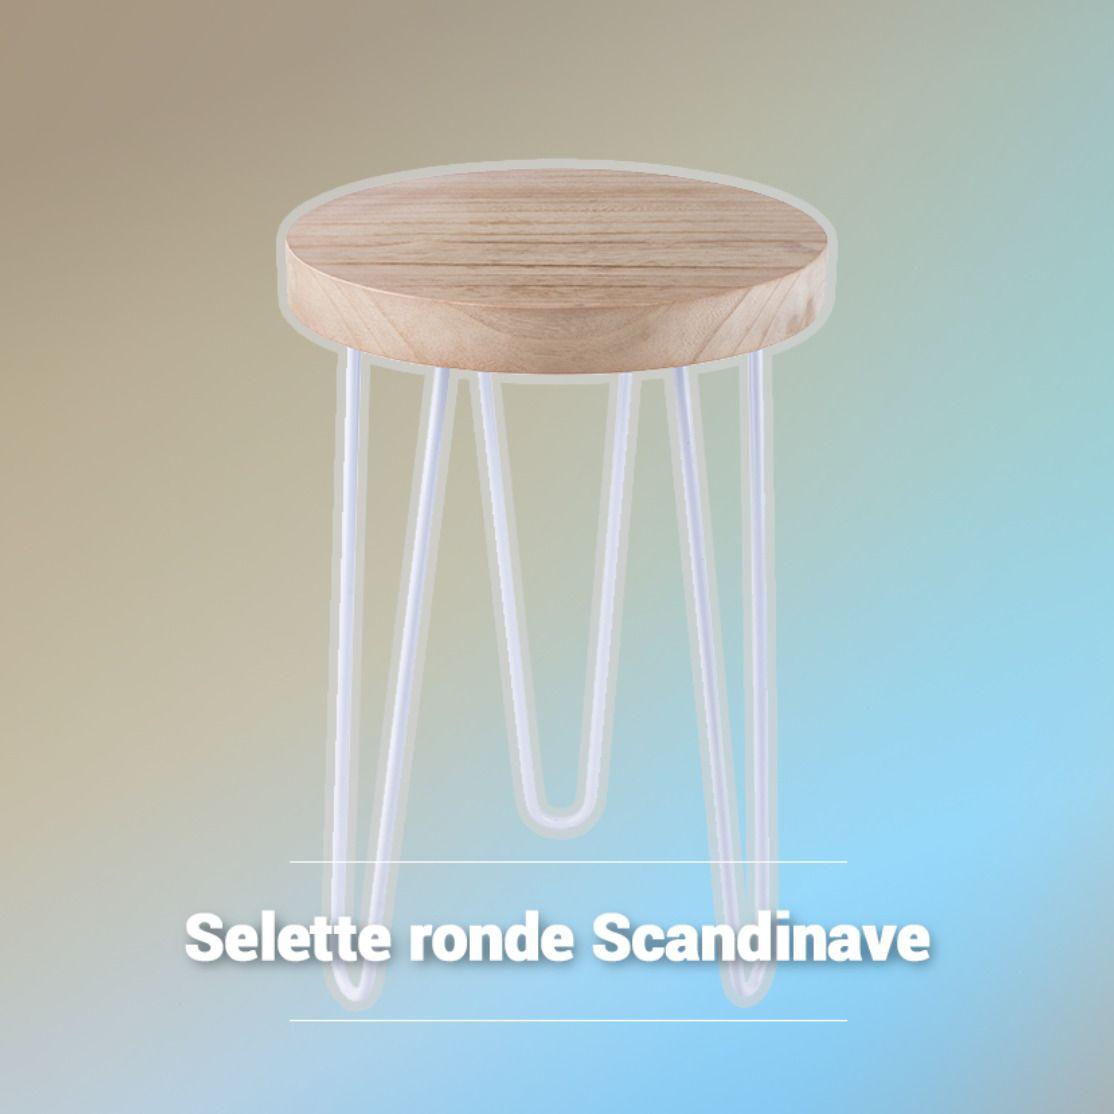 Sellette Ronde Scandinave La Foir Fouille Decorer Les Petits Espaces Sellette Deco Scandinave